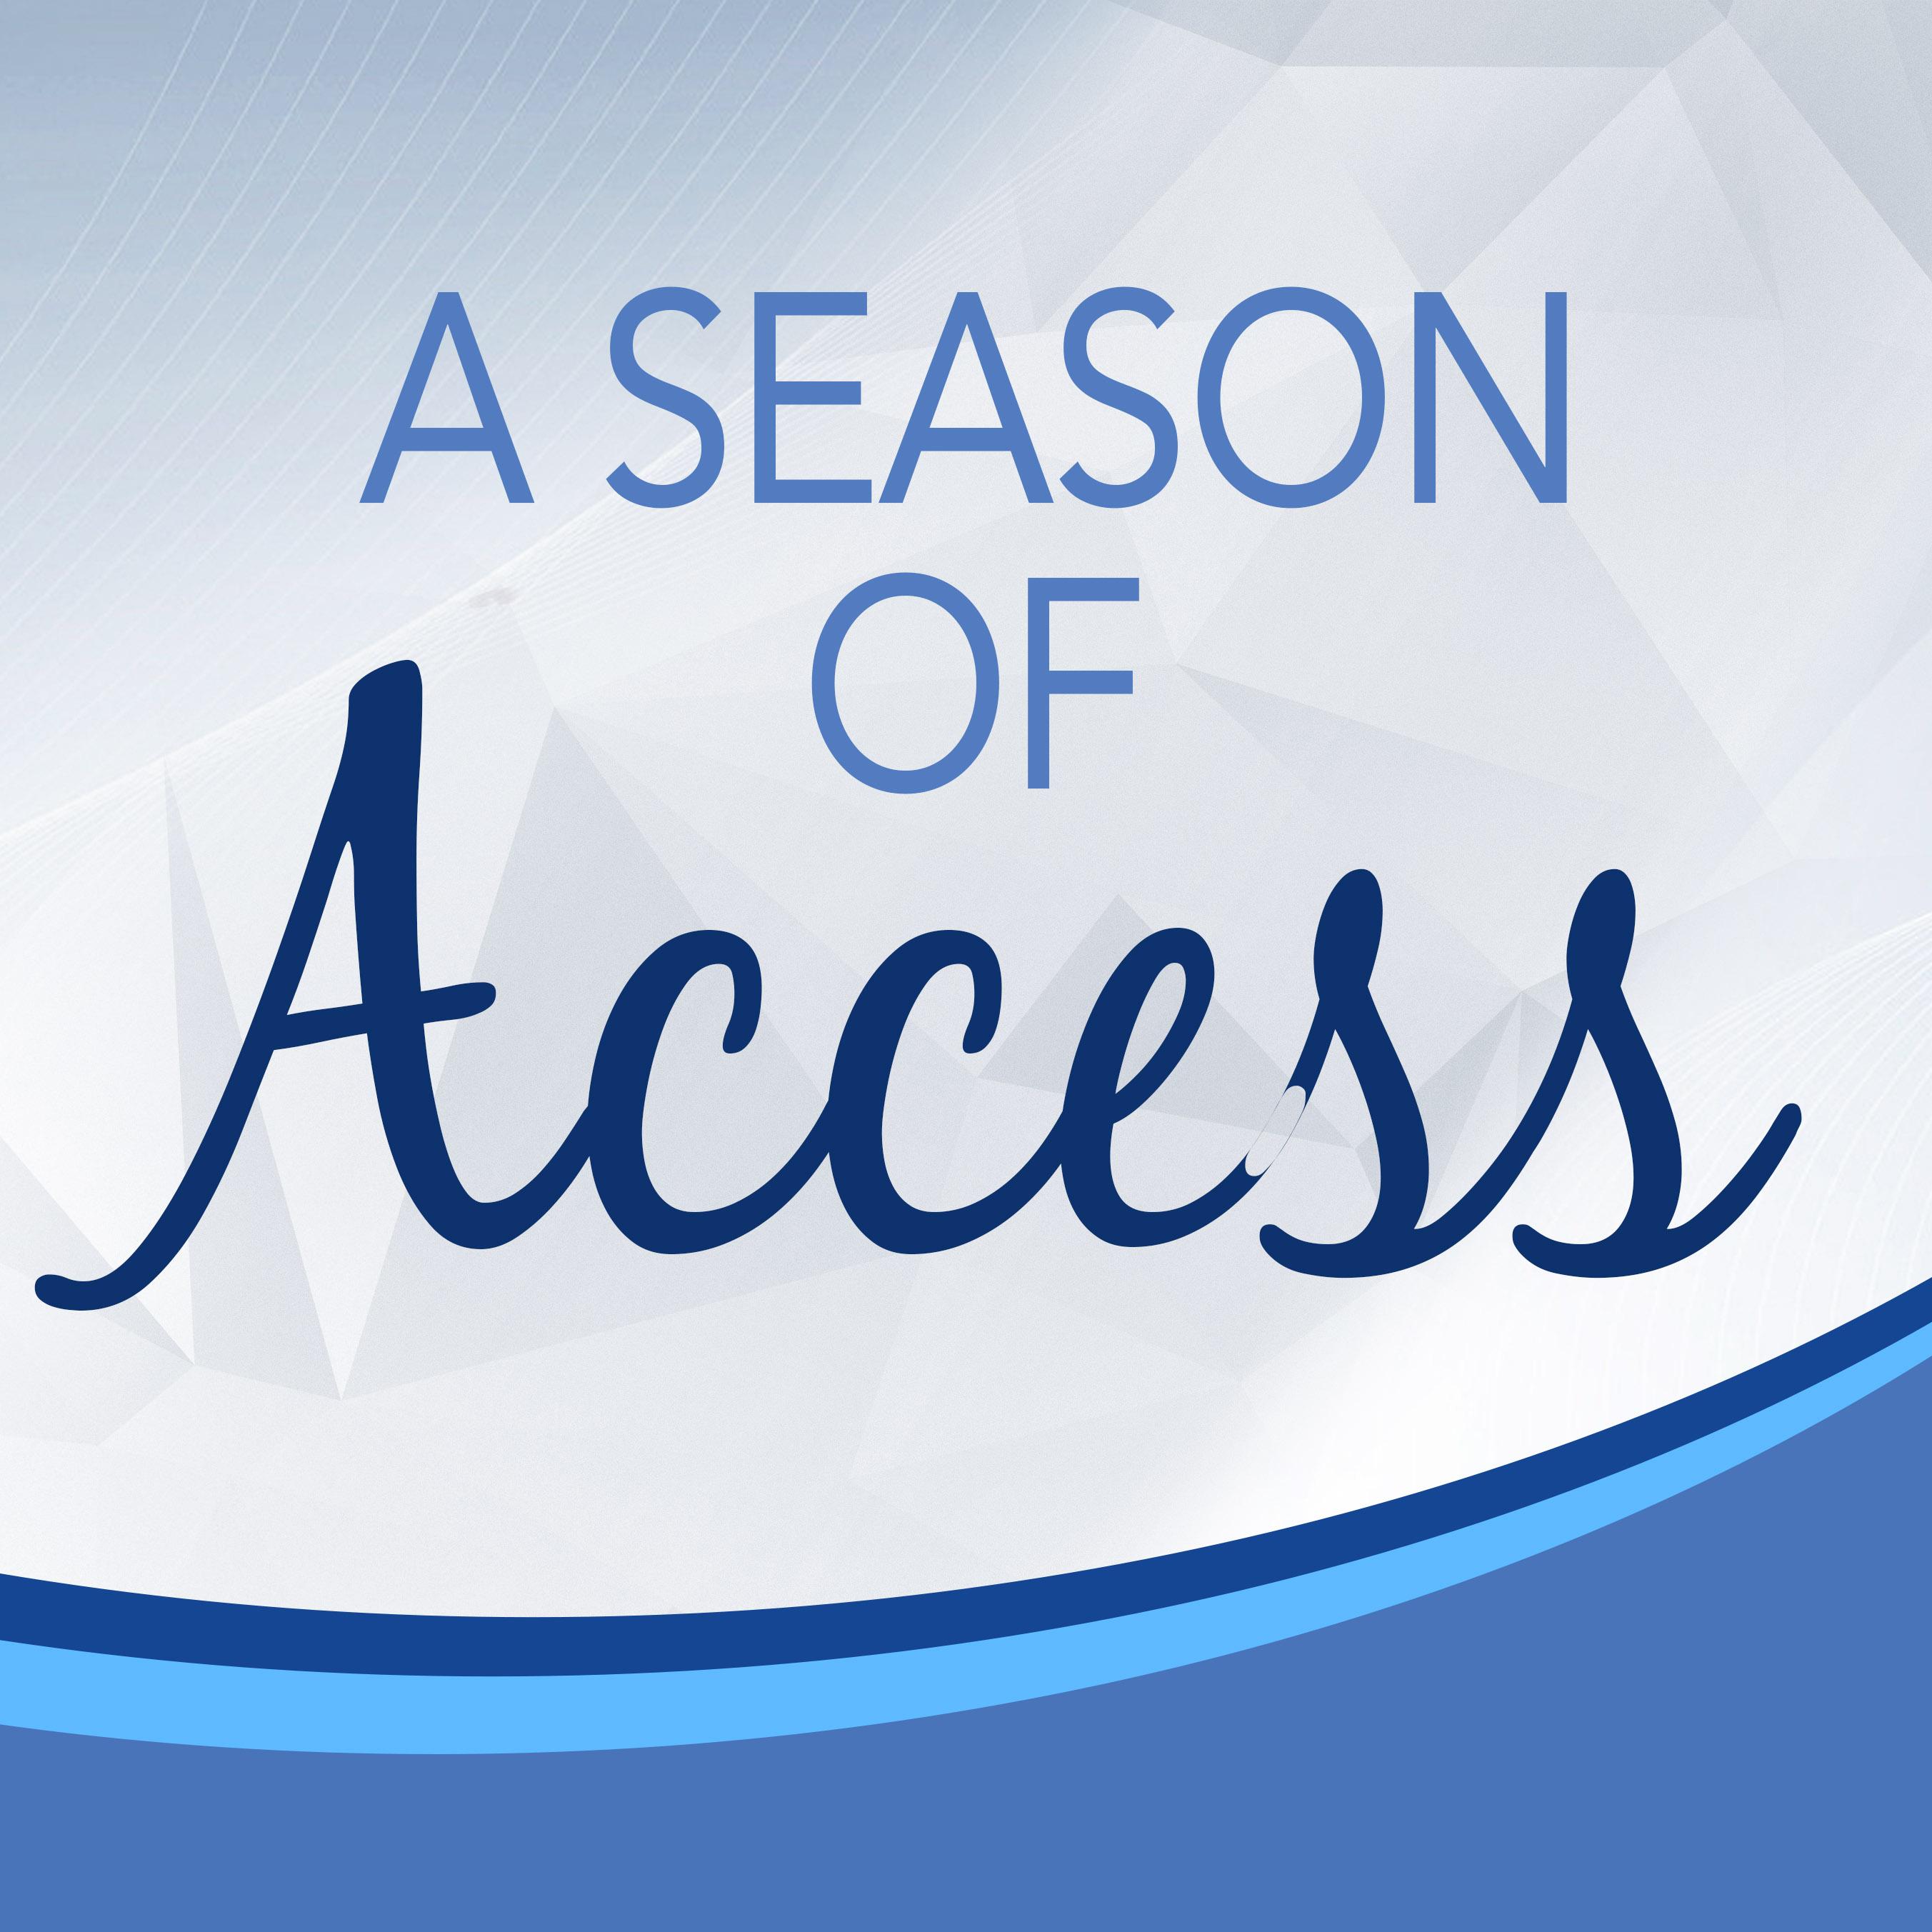 A season of access